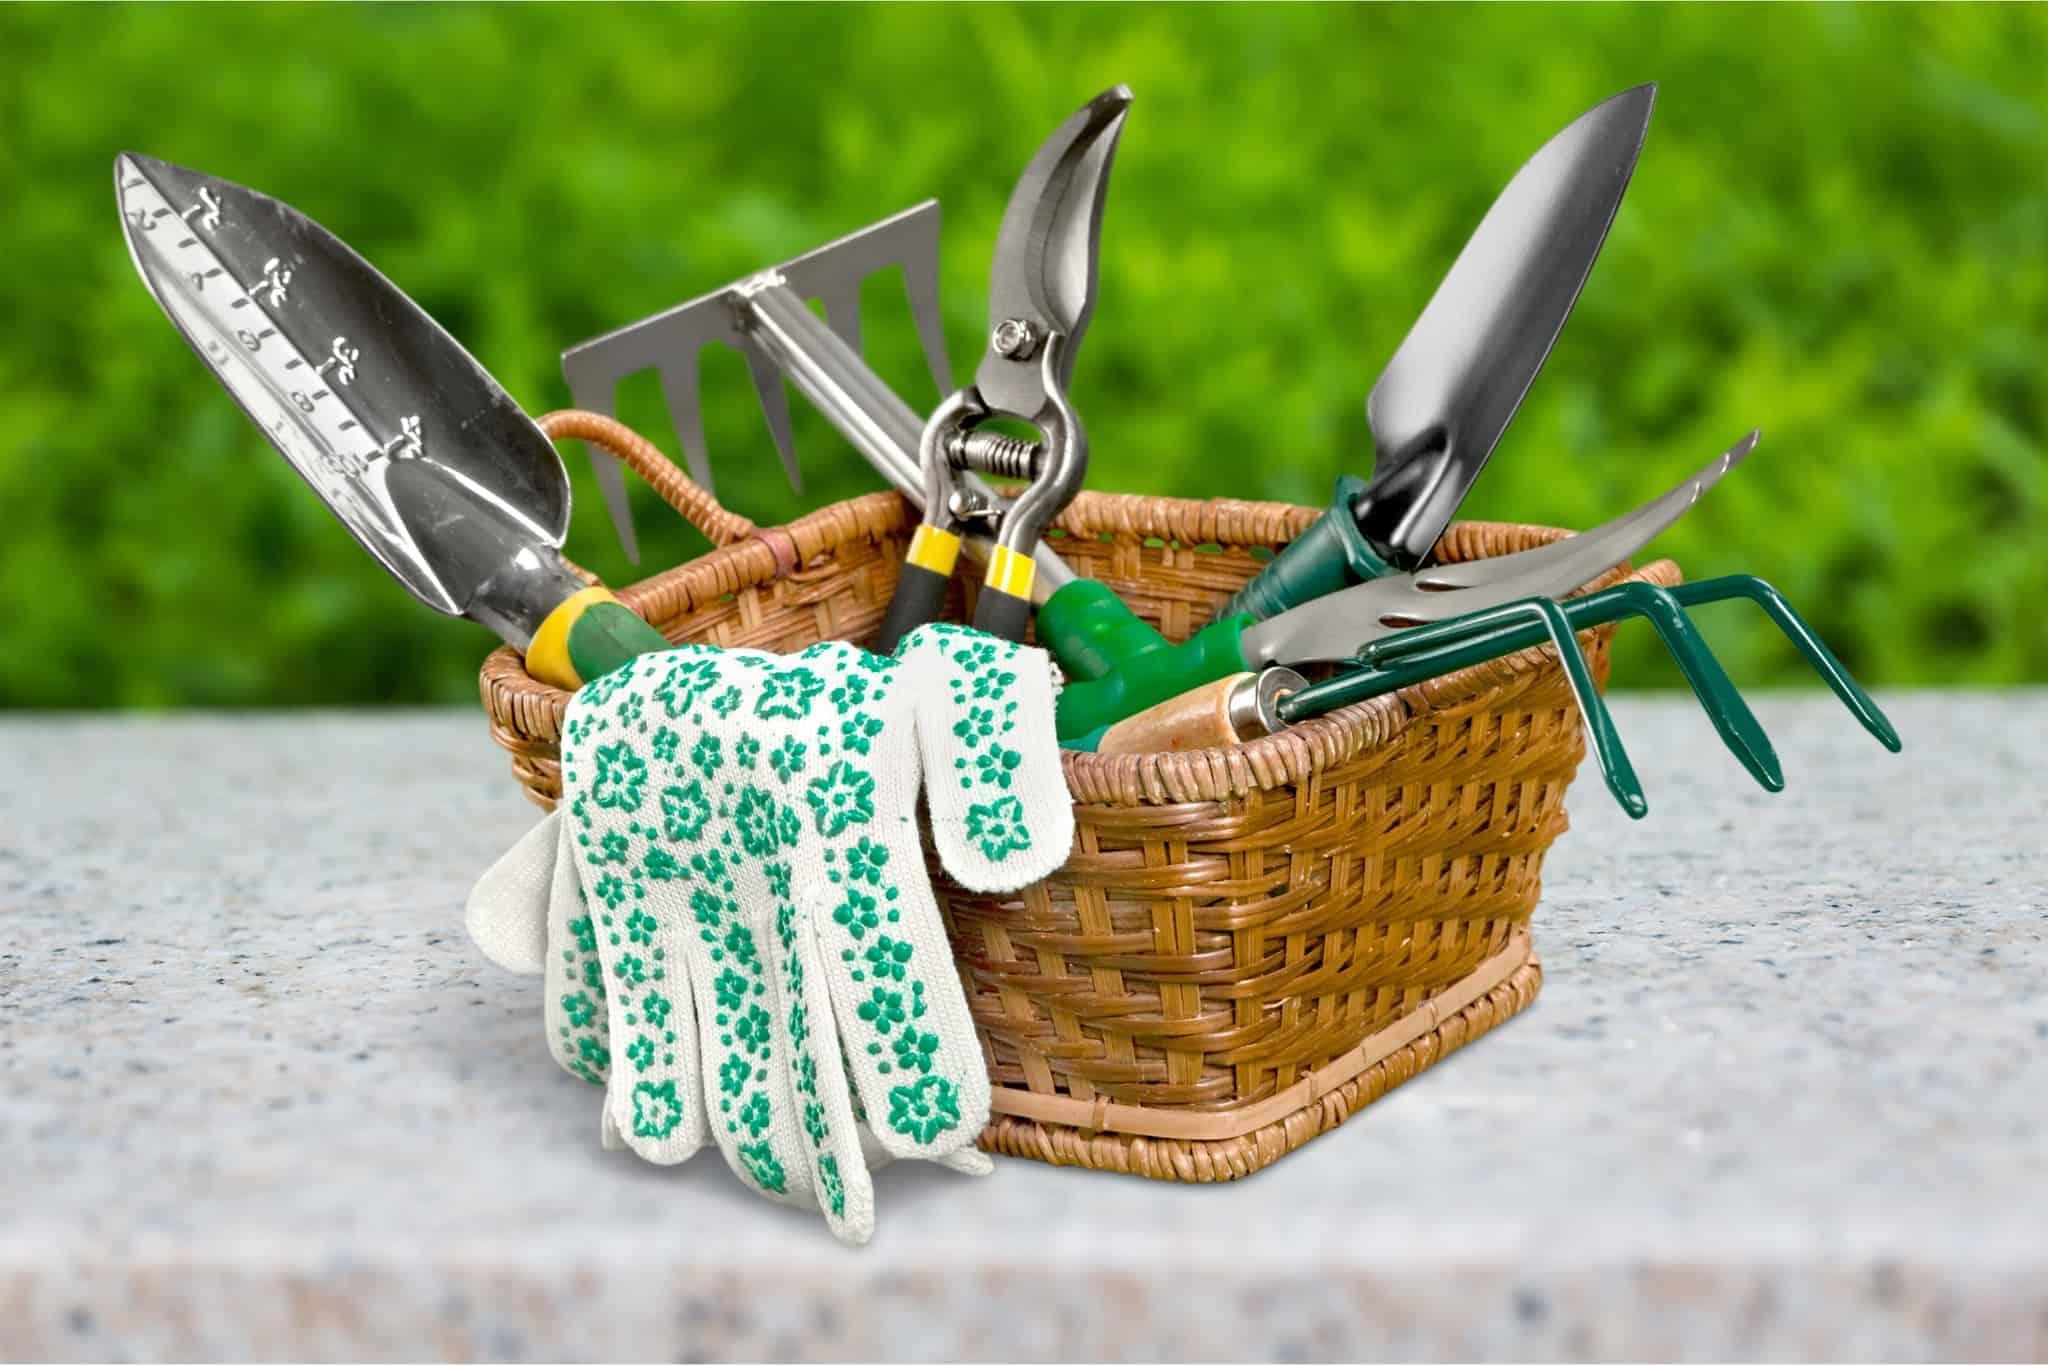 Vzdrževanje in shranjevanje vrtnih orodij